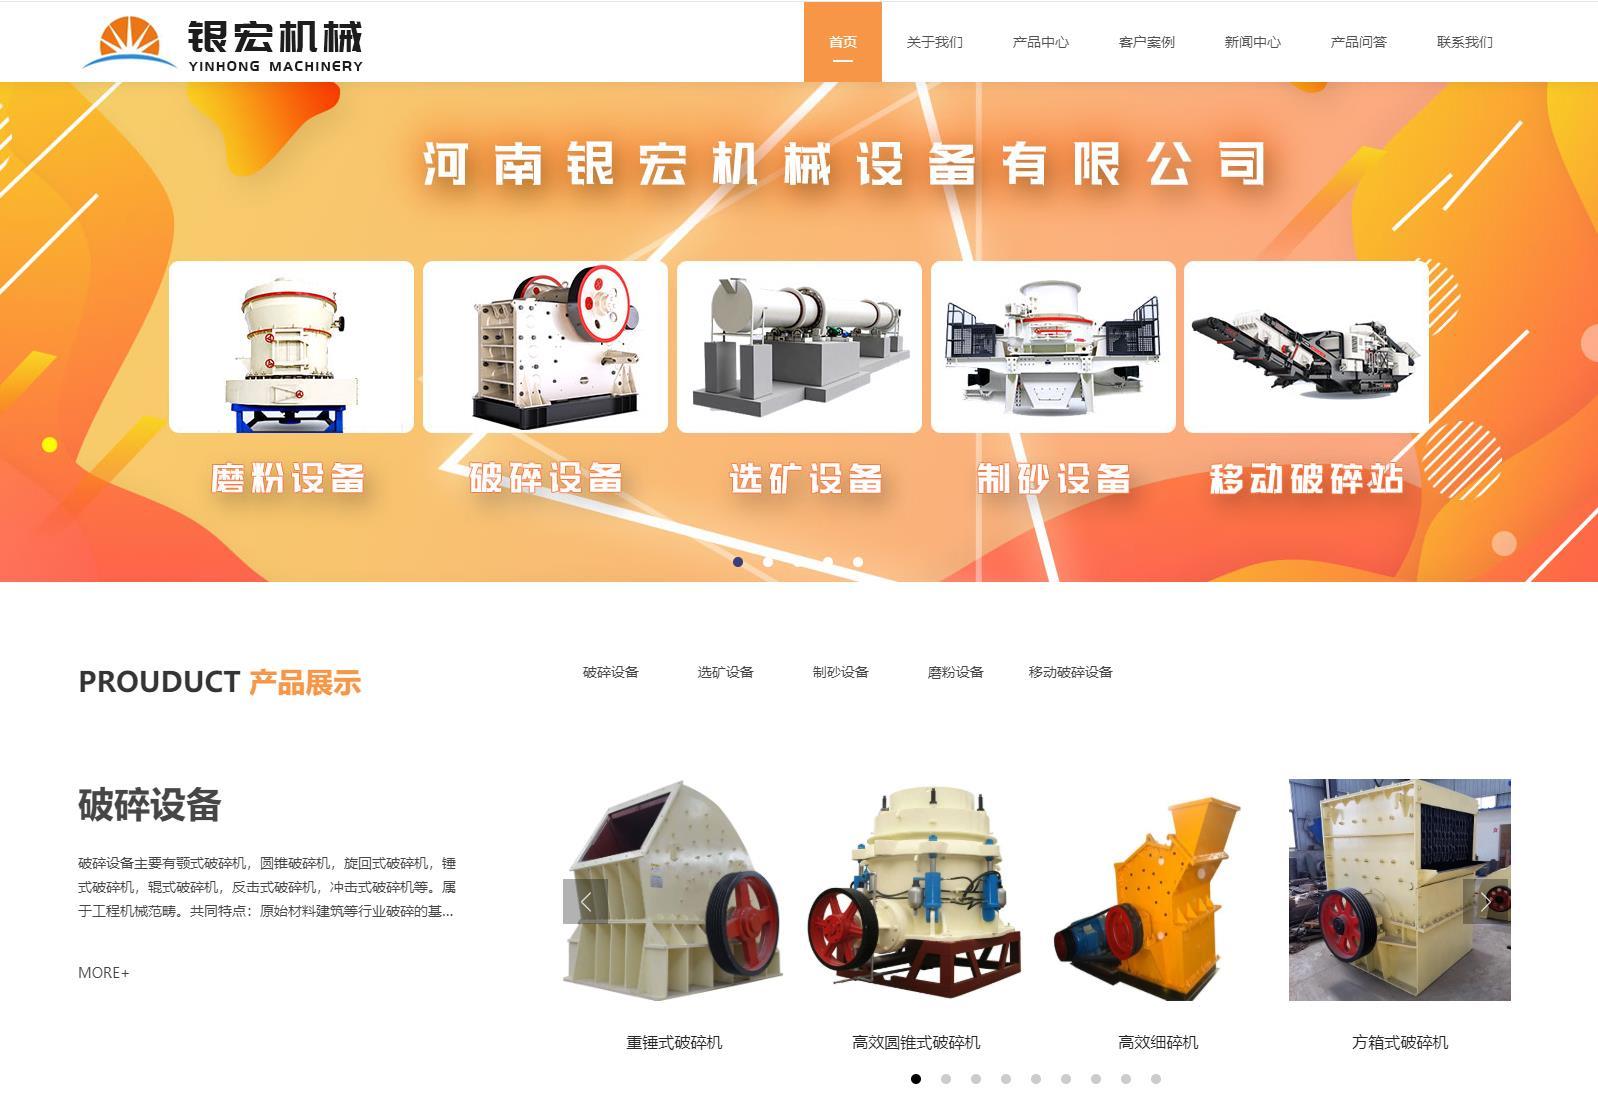 河南银宏机械设备有限公司网站欣赏